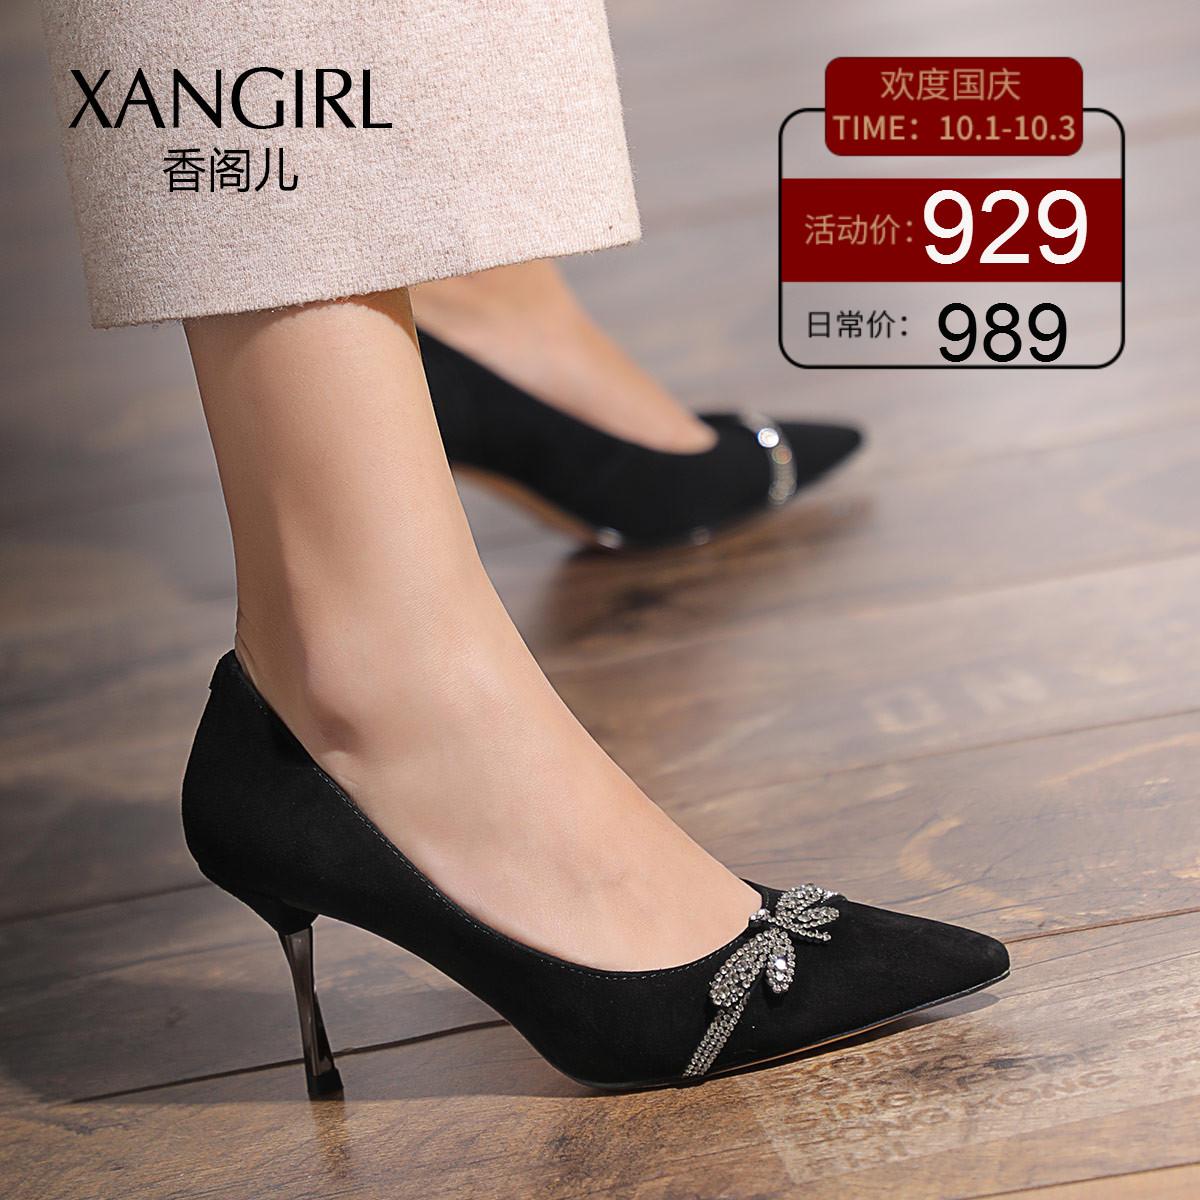 香阁儿女鞋2018新款简约水钻羊猄单鞋职业简约黑色细跟高跟鞋